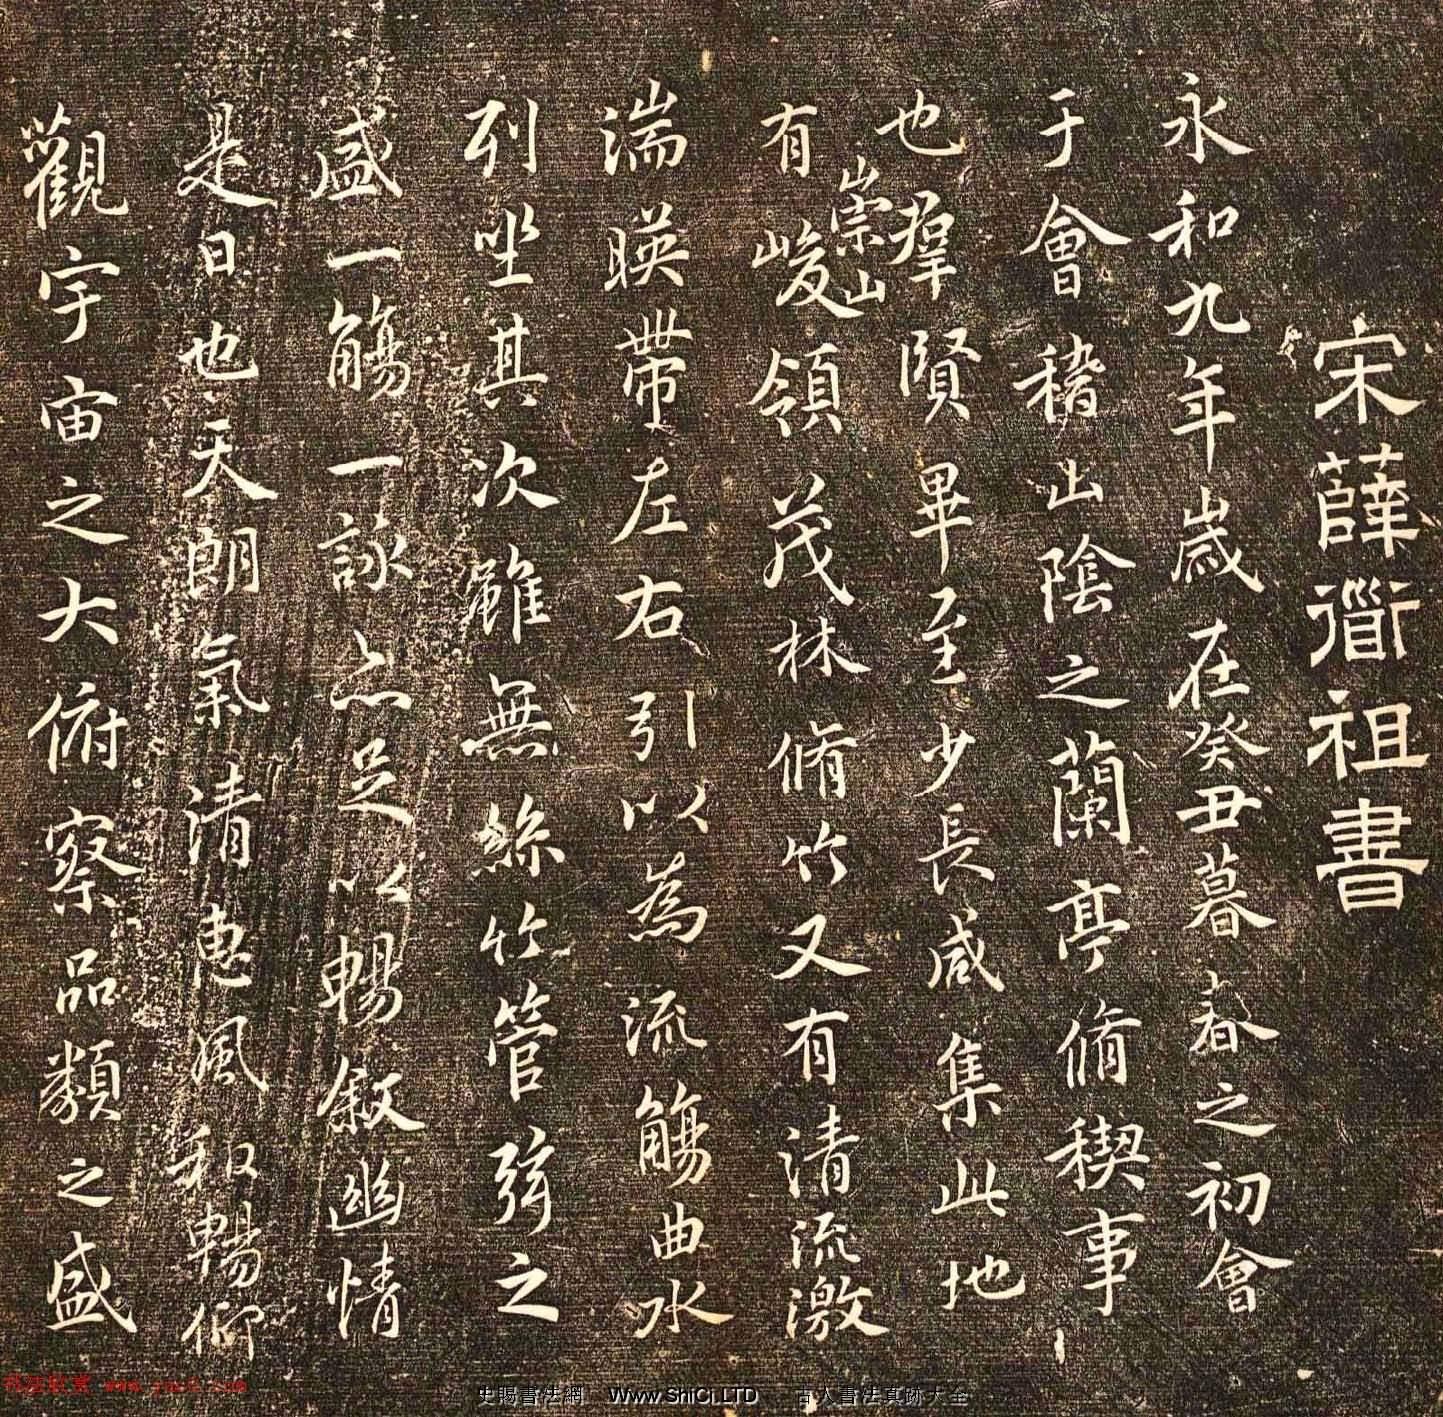 薛紹彭書法字帖《臨王羲之蘭亭序》兩種(共7張圖片)